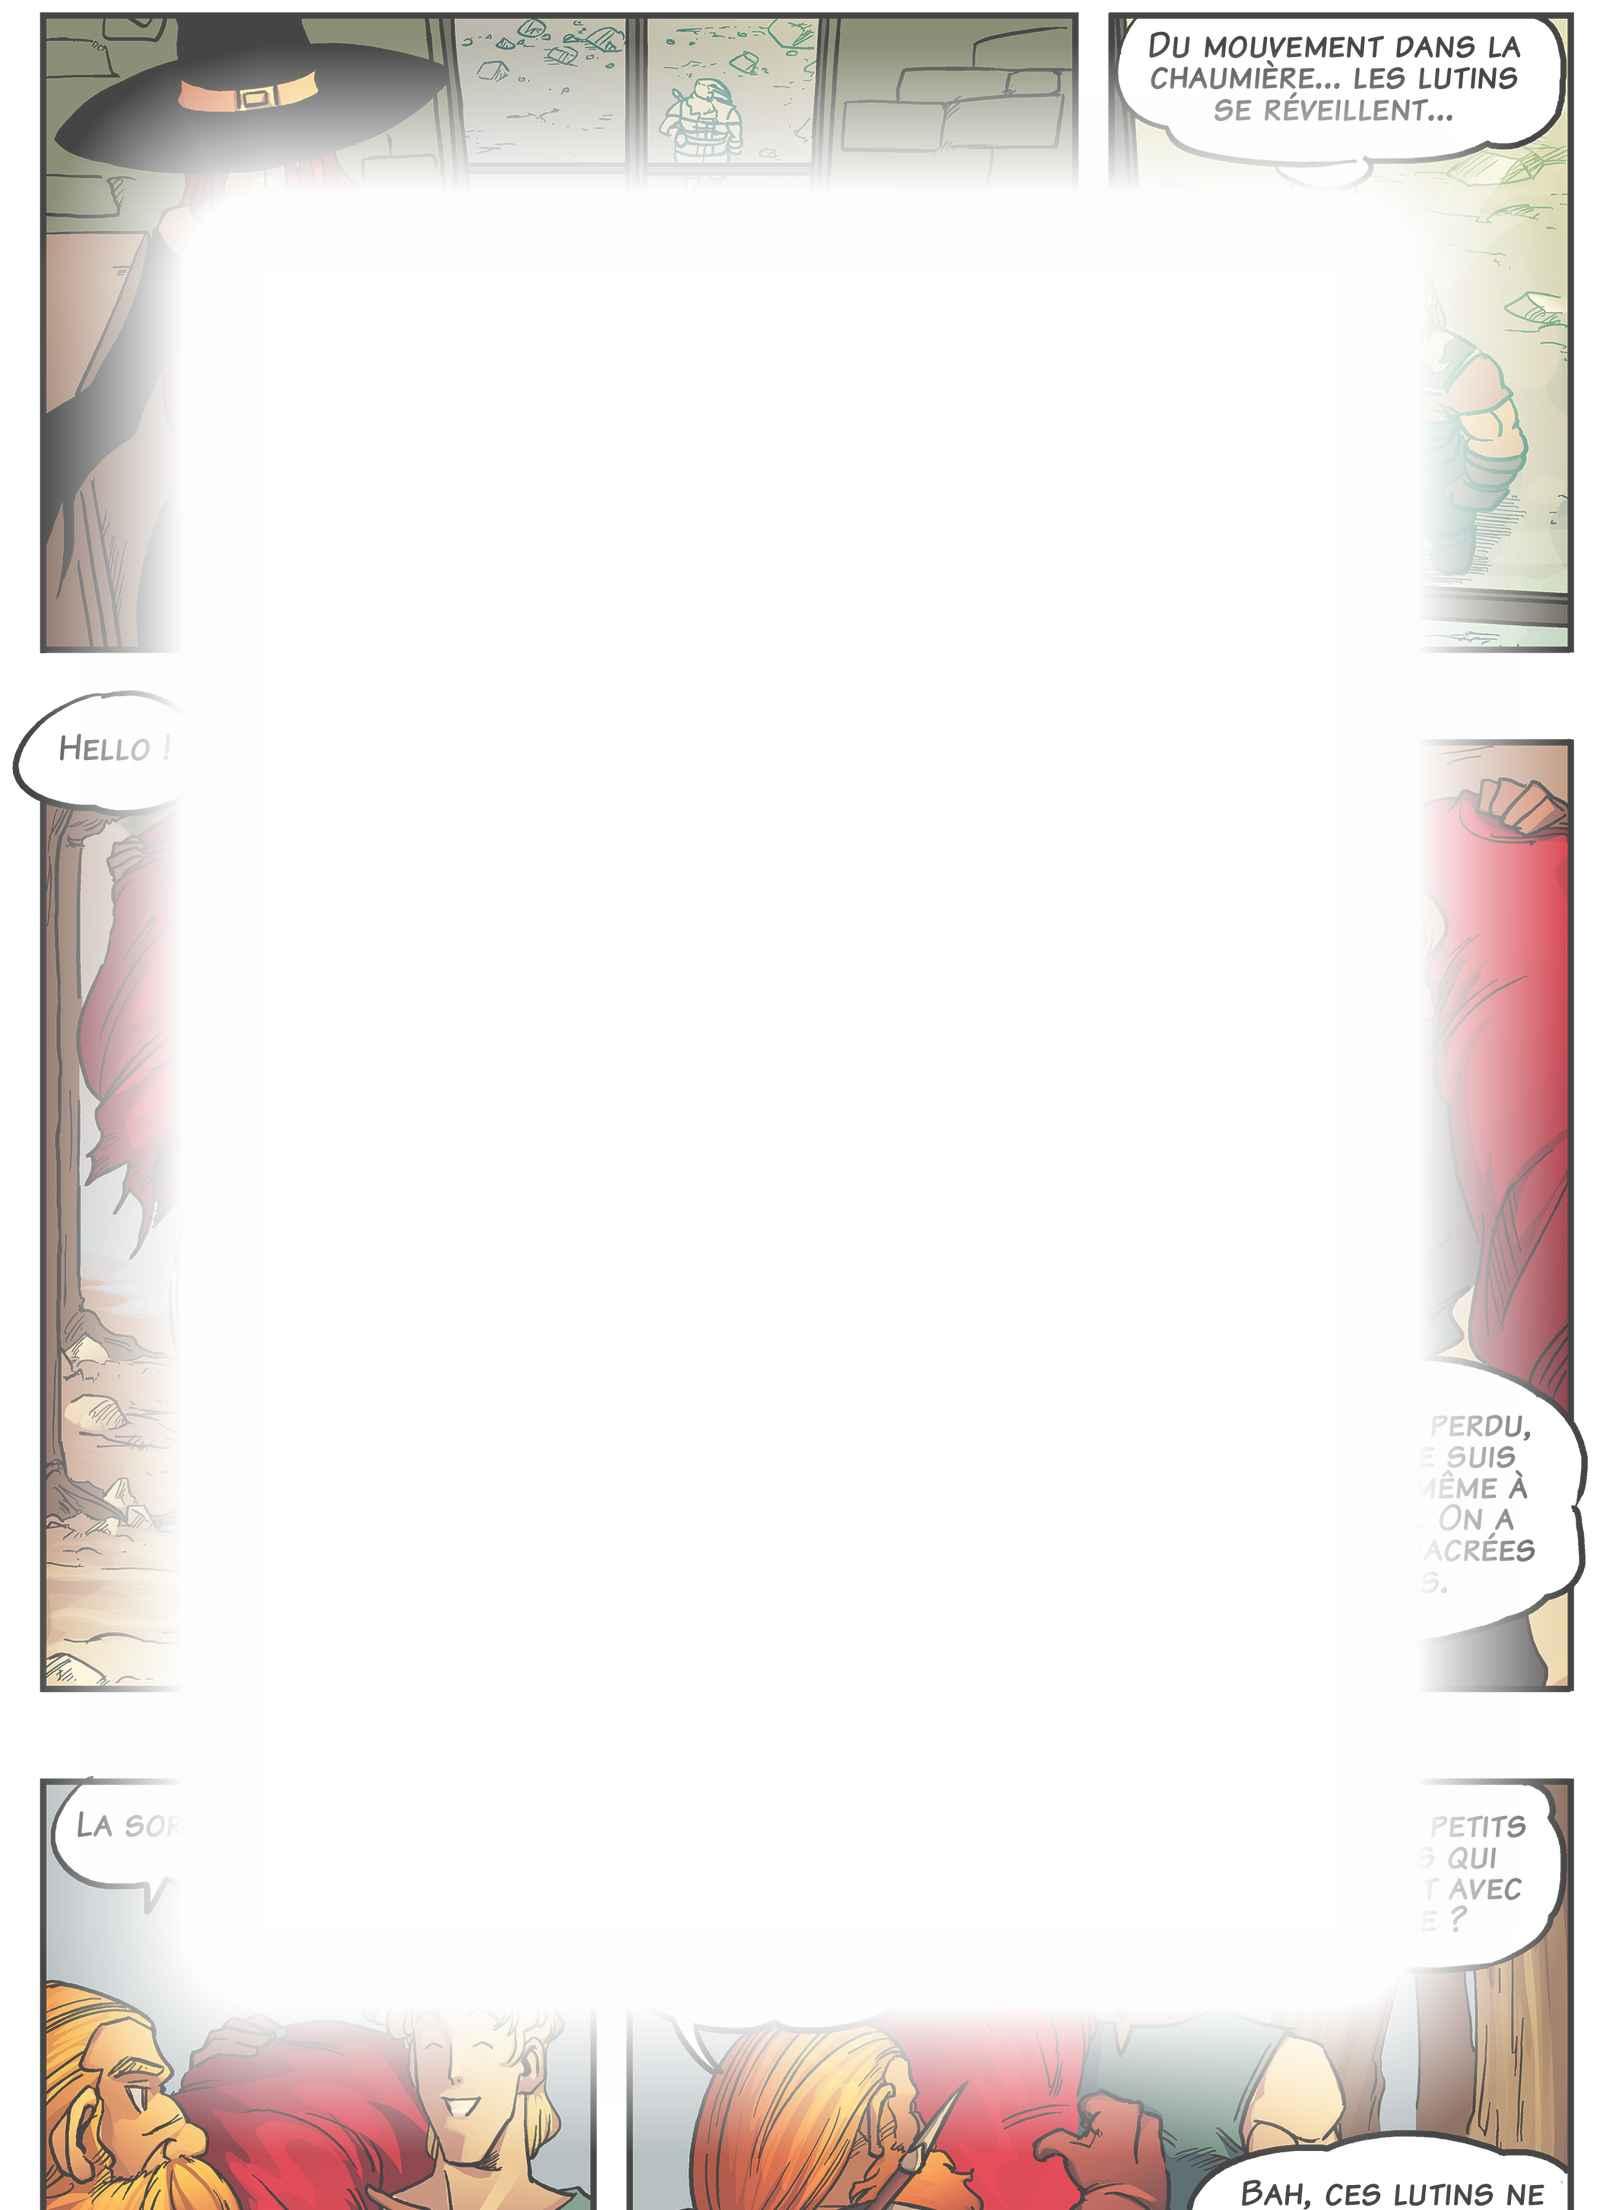 Hémisphères : Chapitre 11 page 18